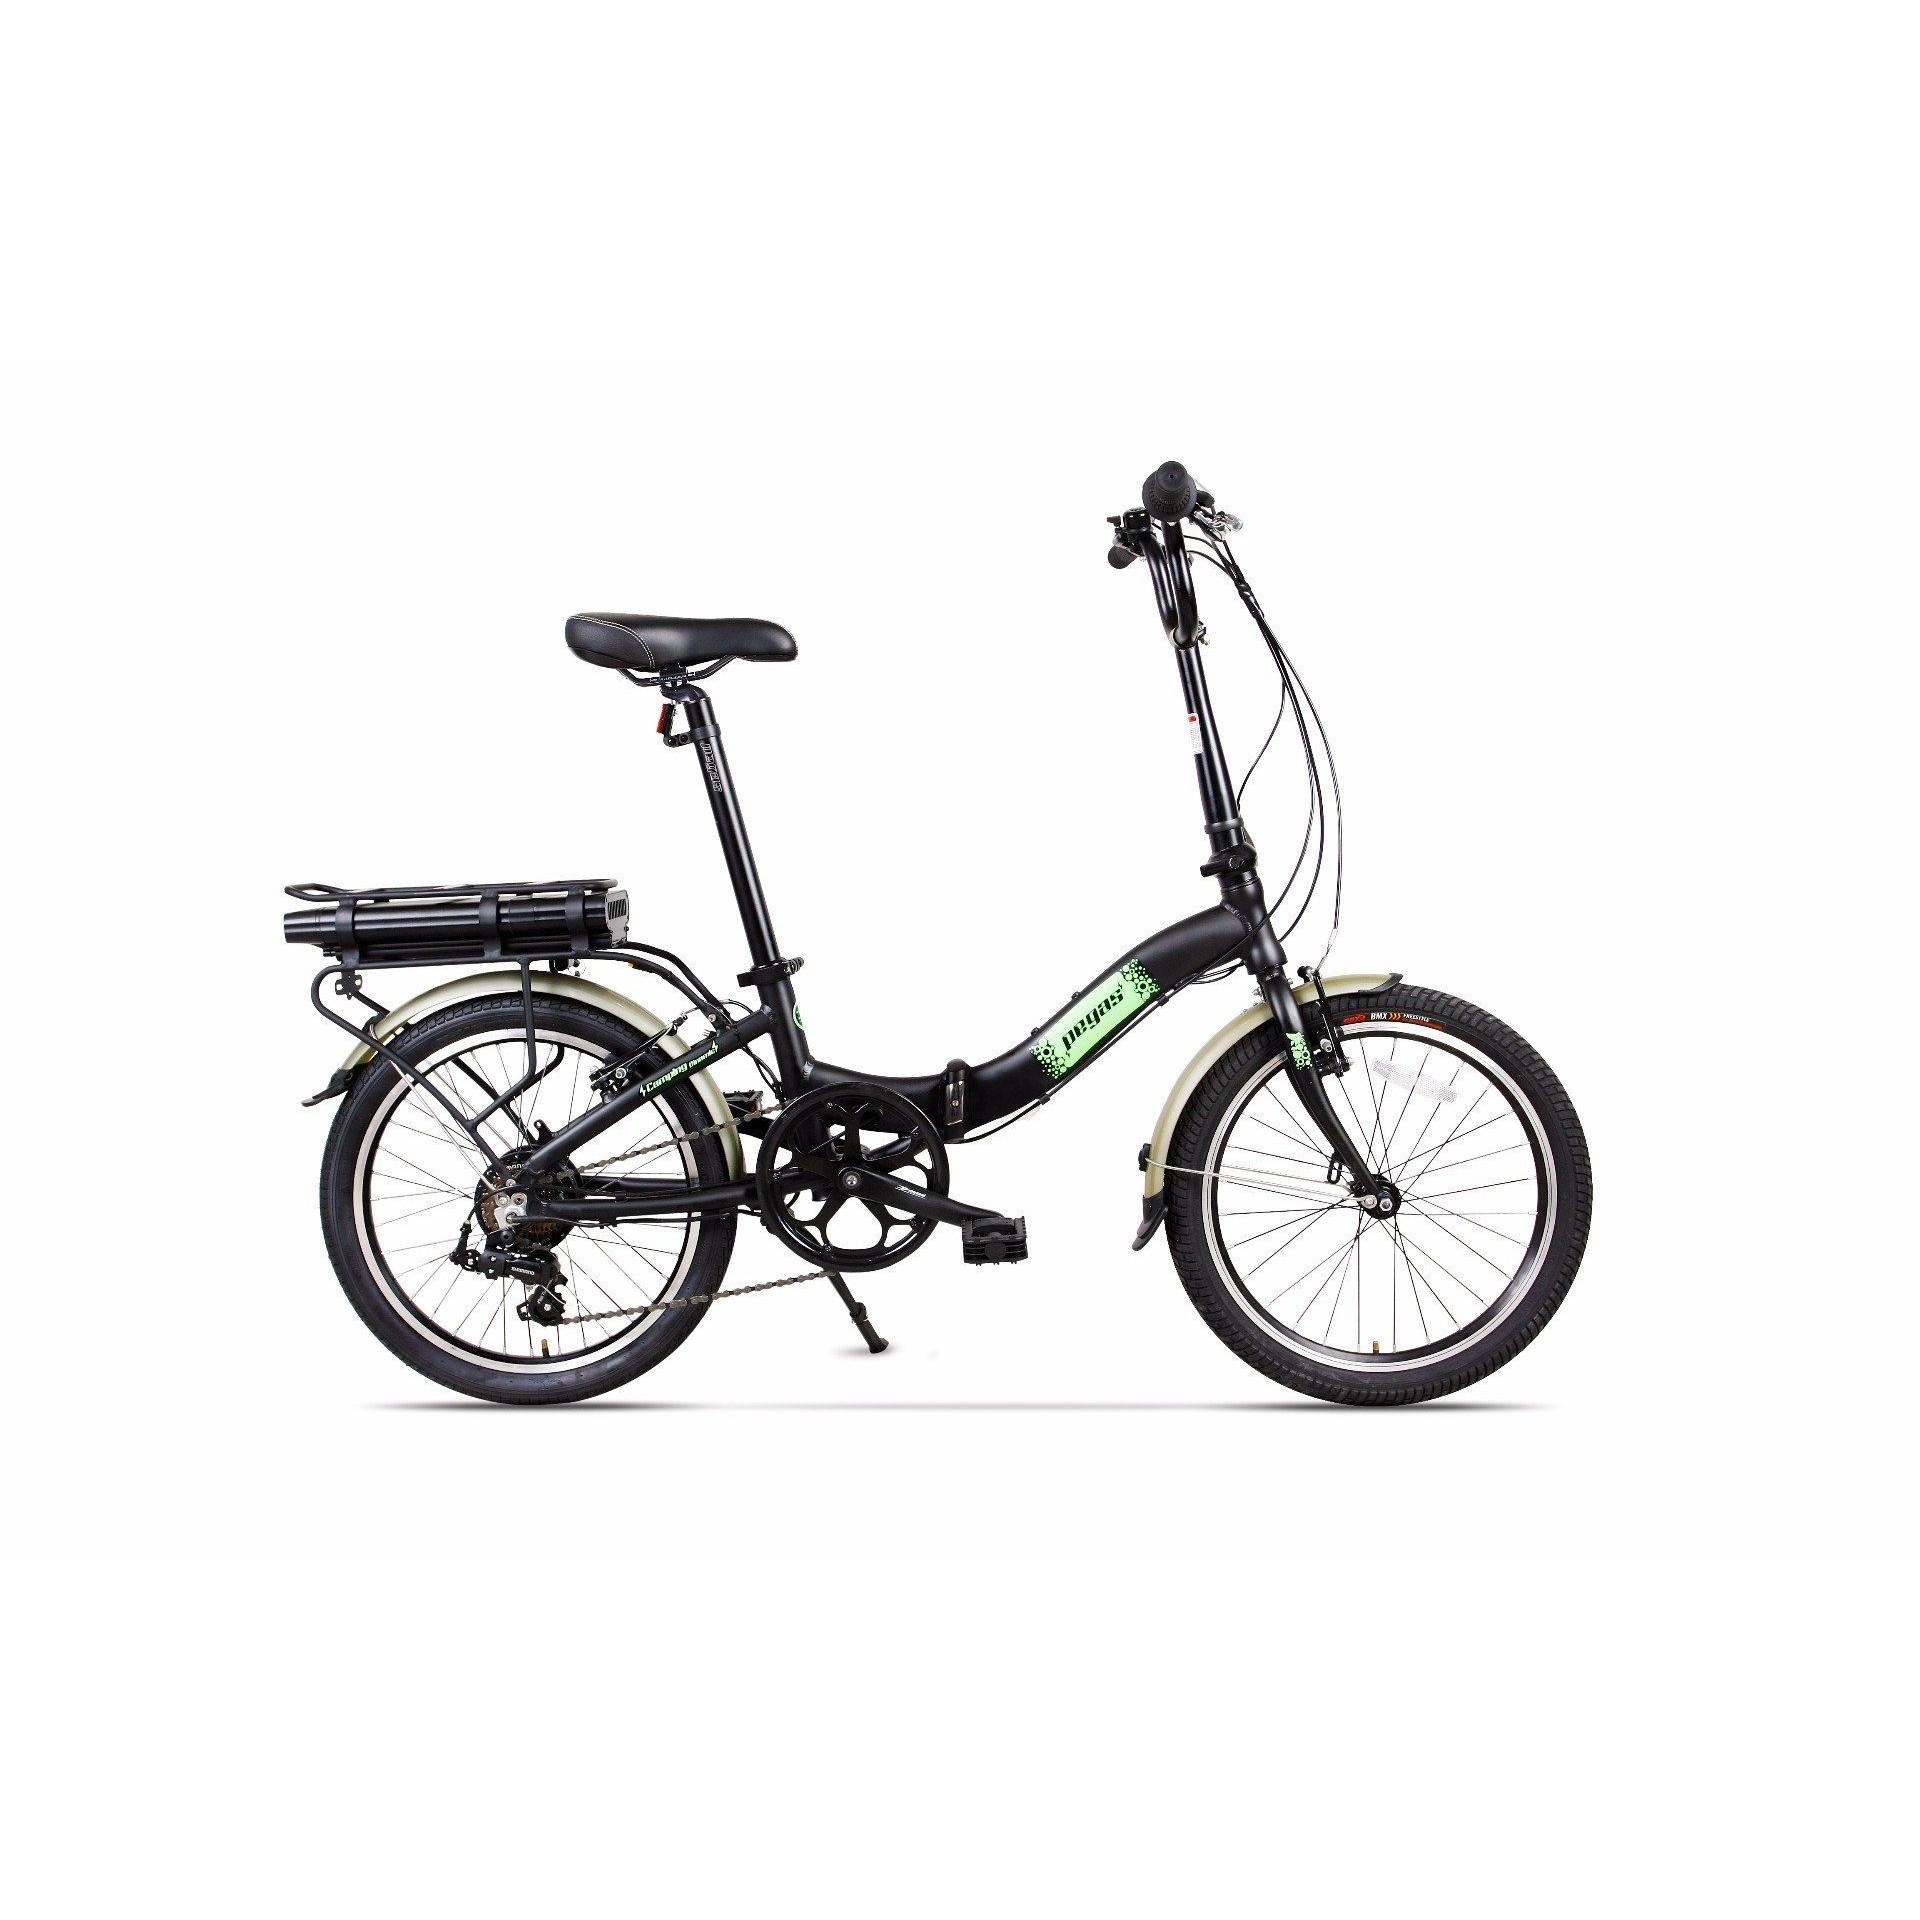 Cautare biciclete electrice folosite